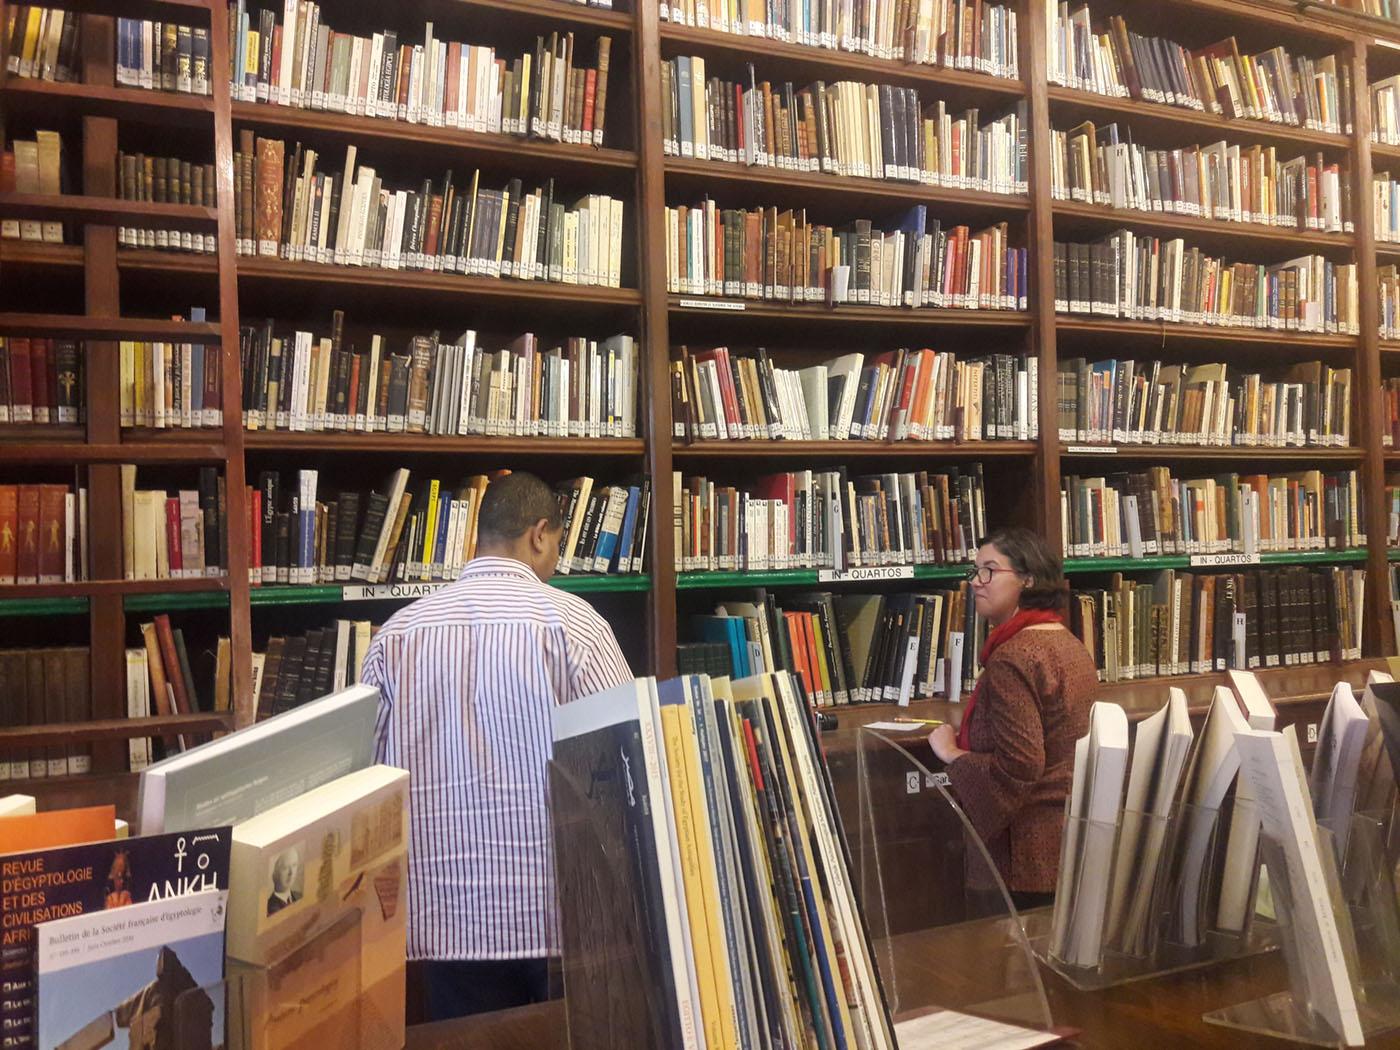 أكثر من 12 ألف كتاب تضمها مكتبة المعهد